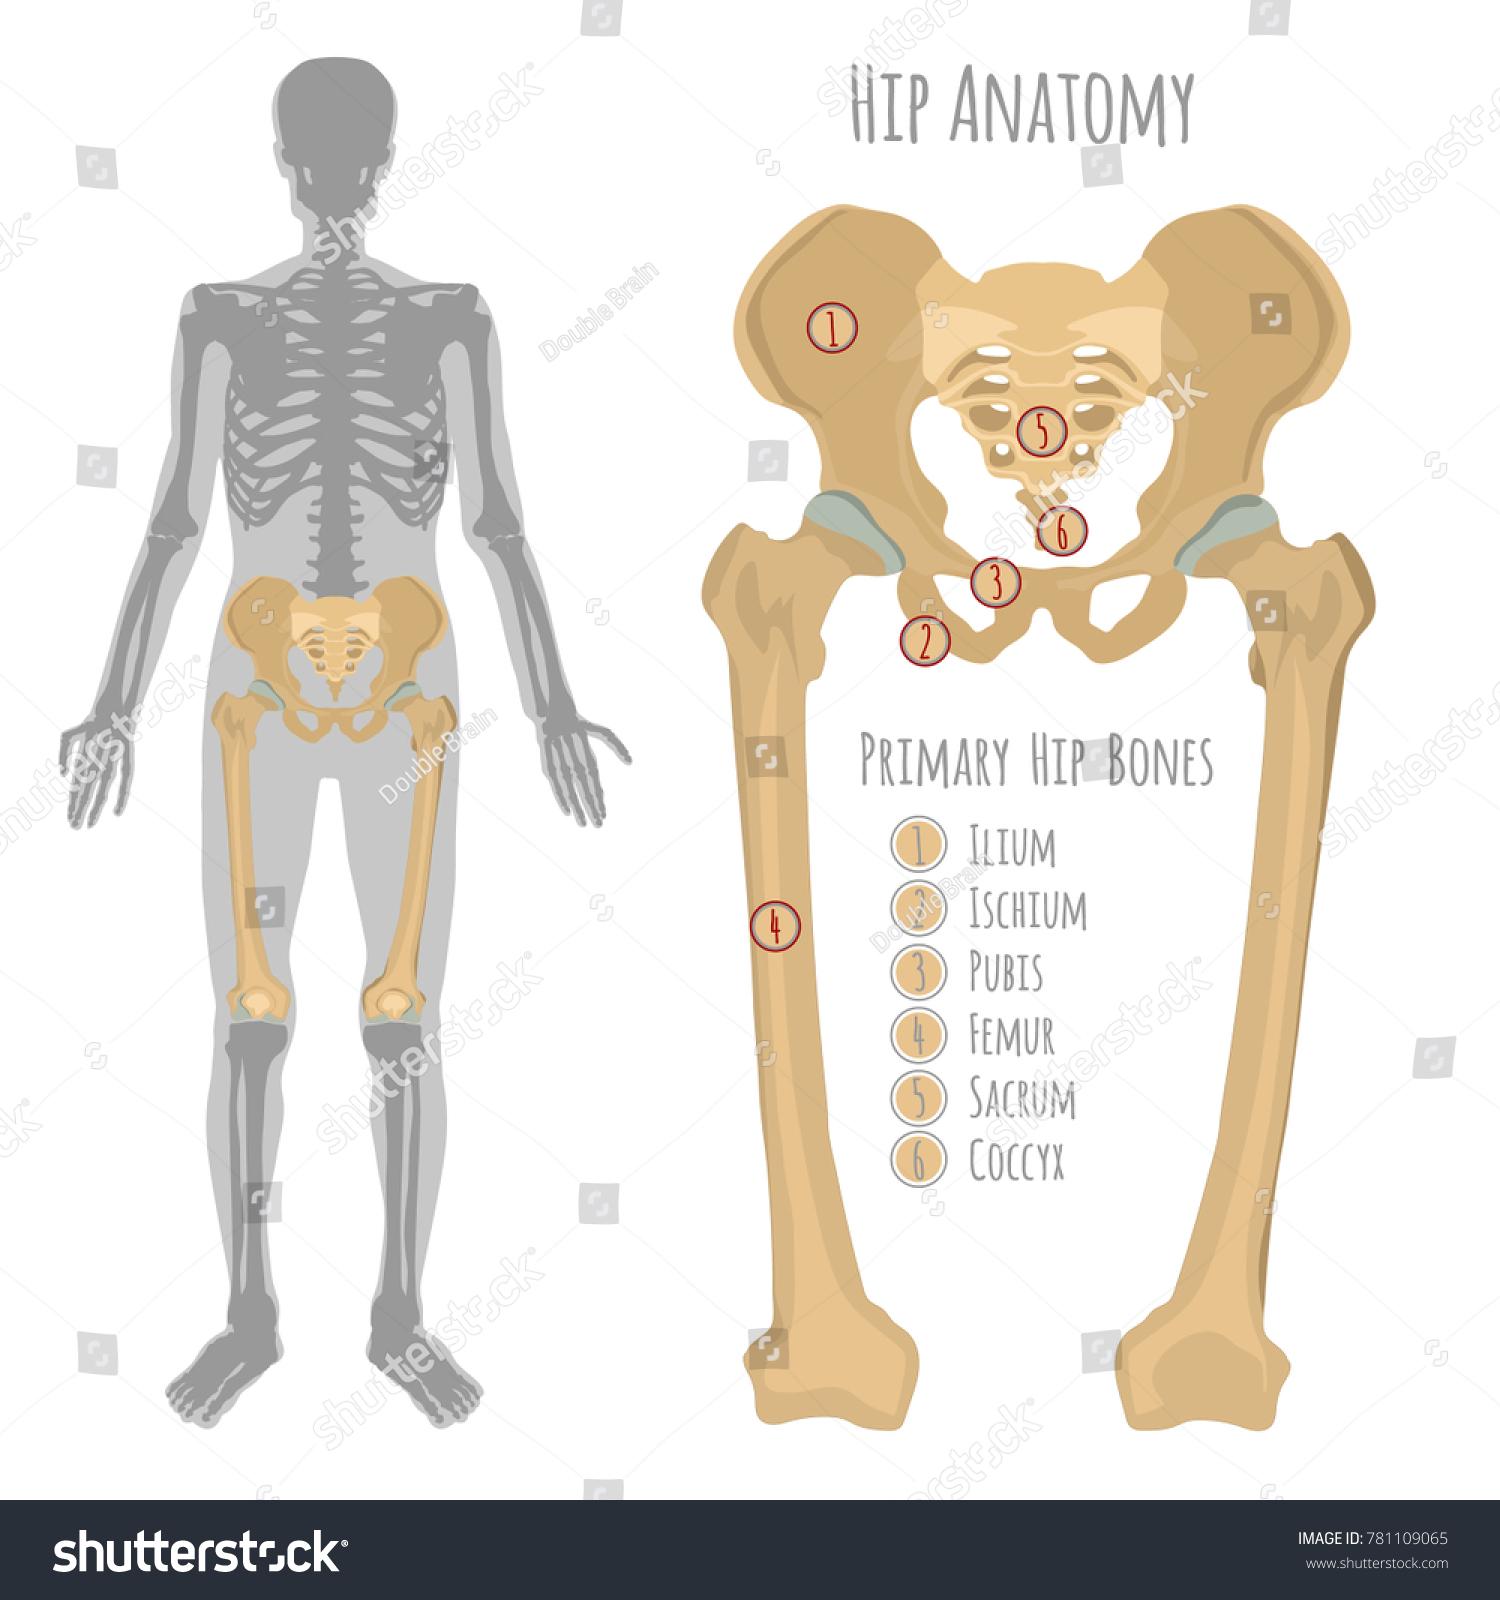 Anatomy of femur bone